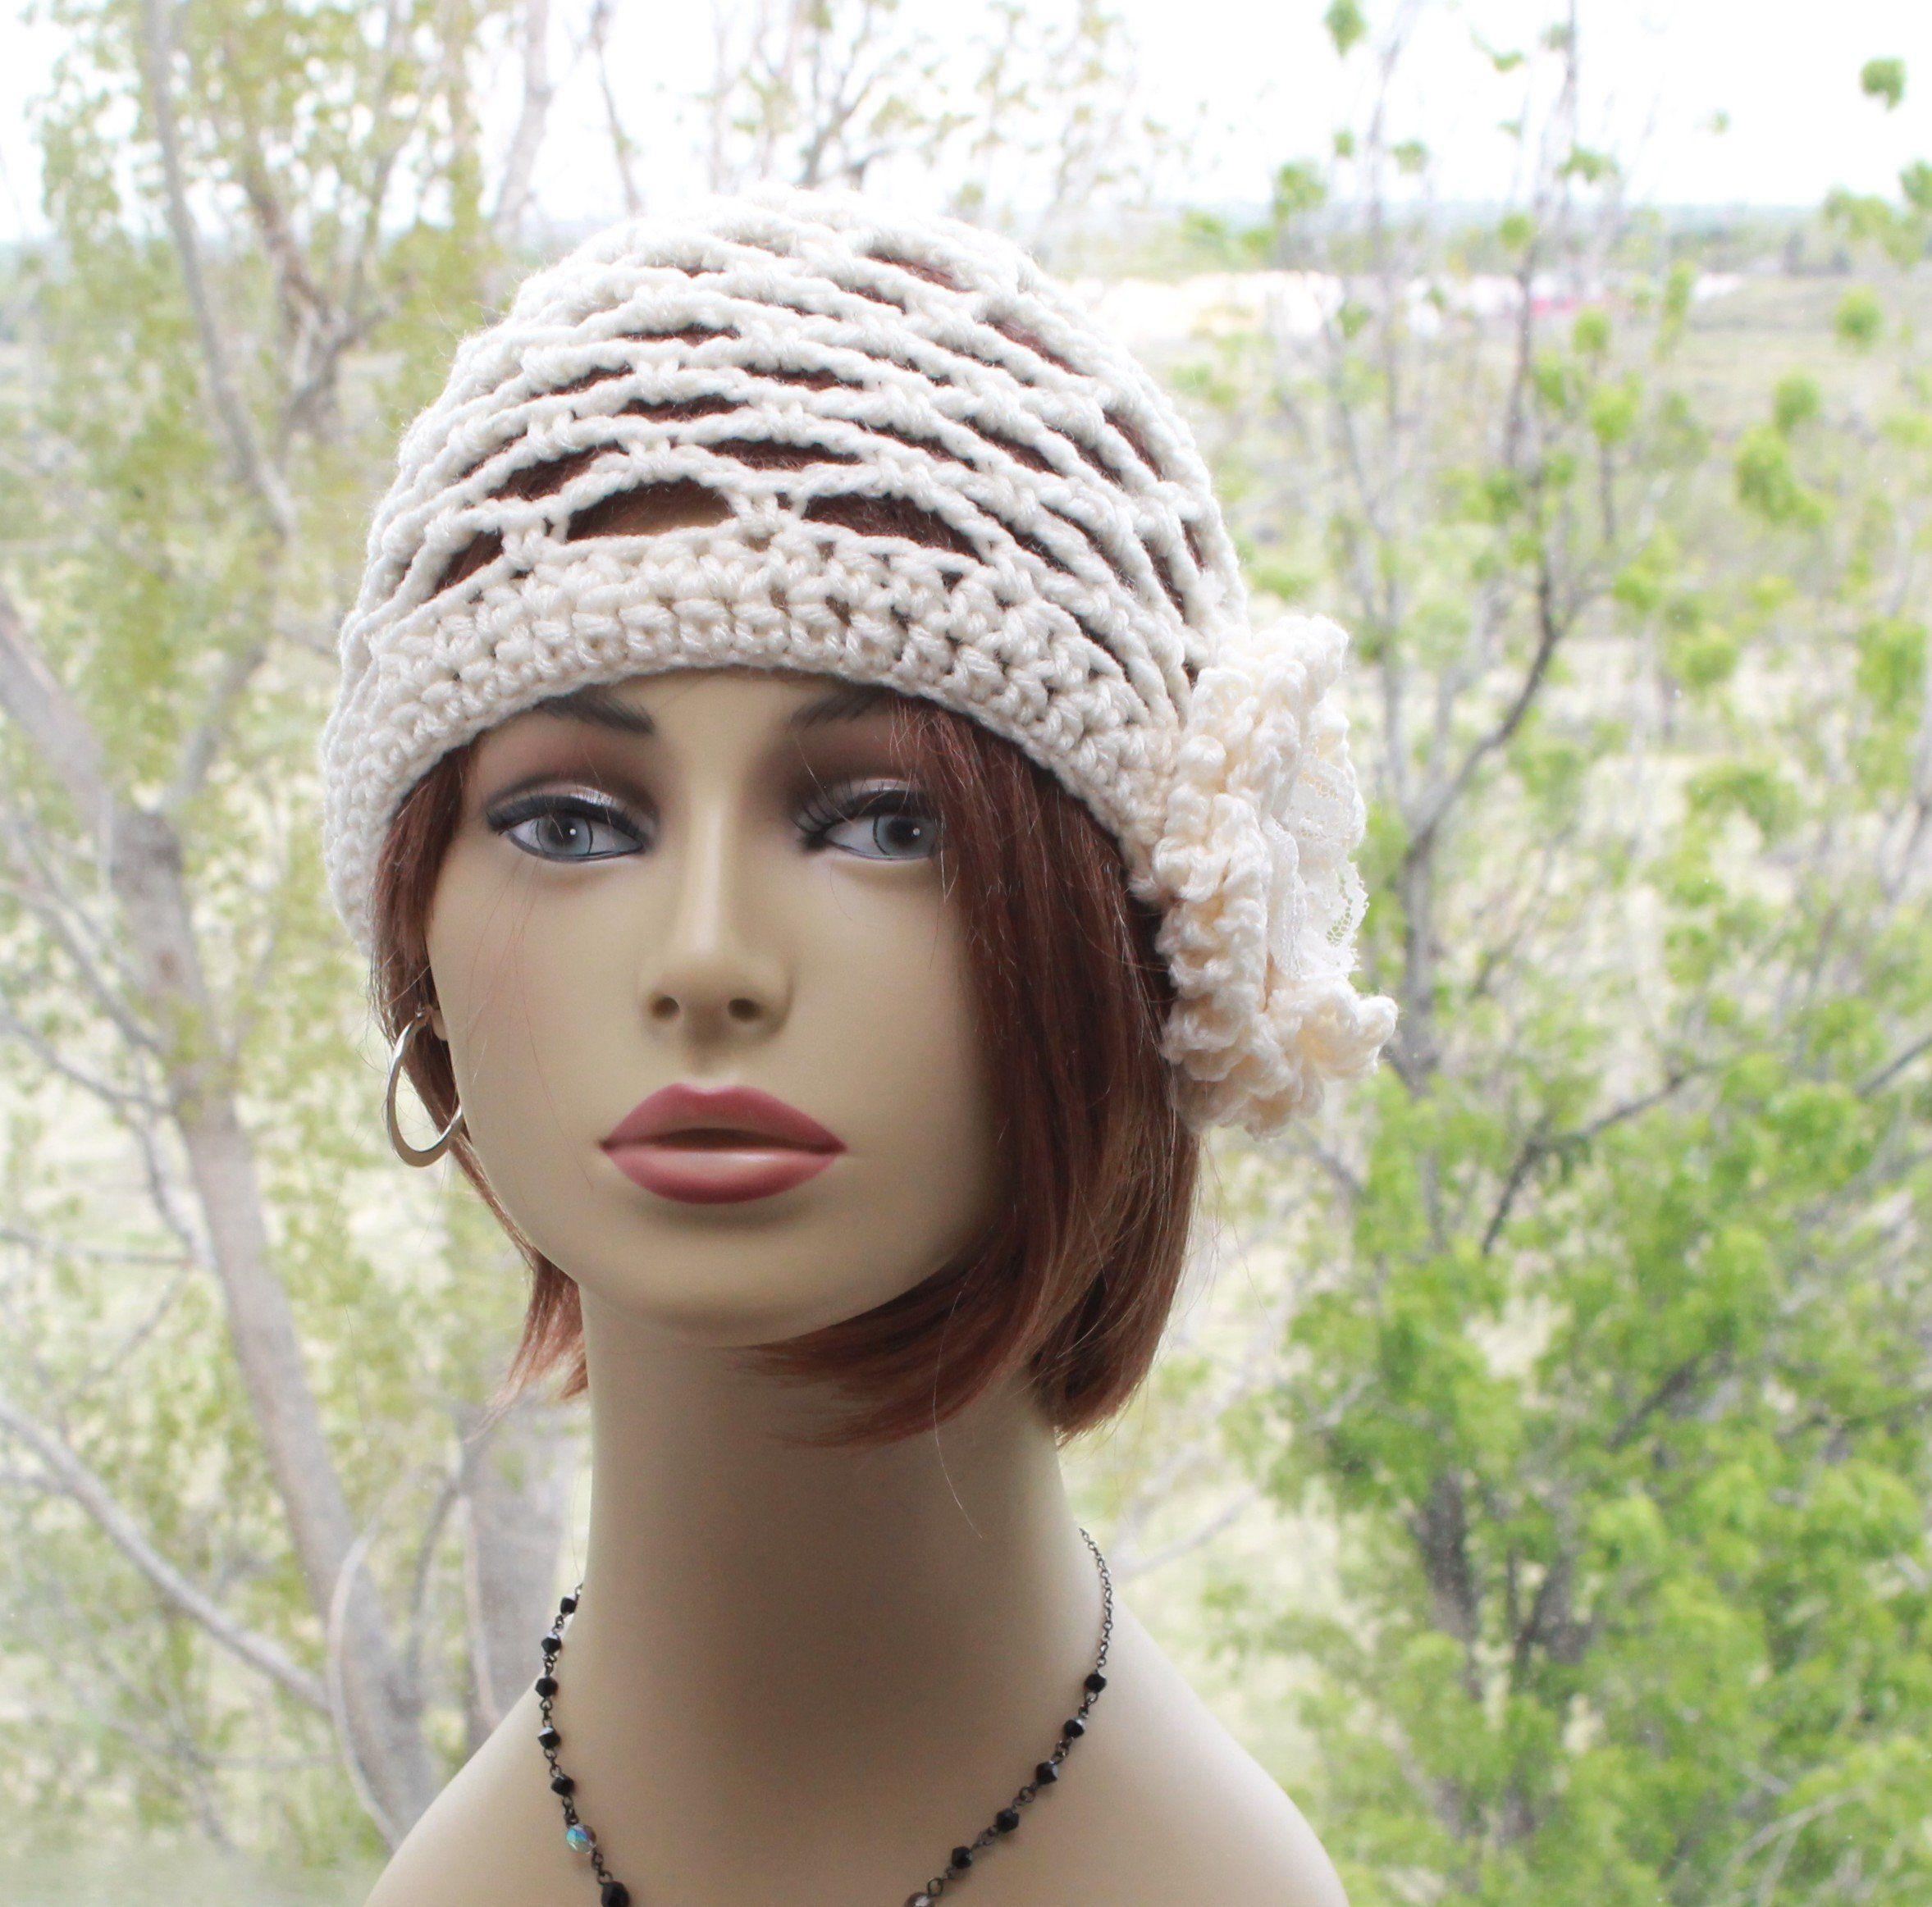 Crochet womens hat beanie open stitch juliet cap